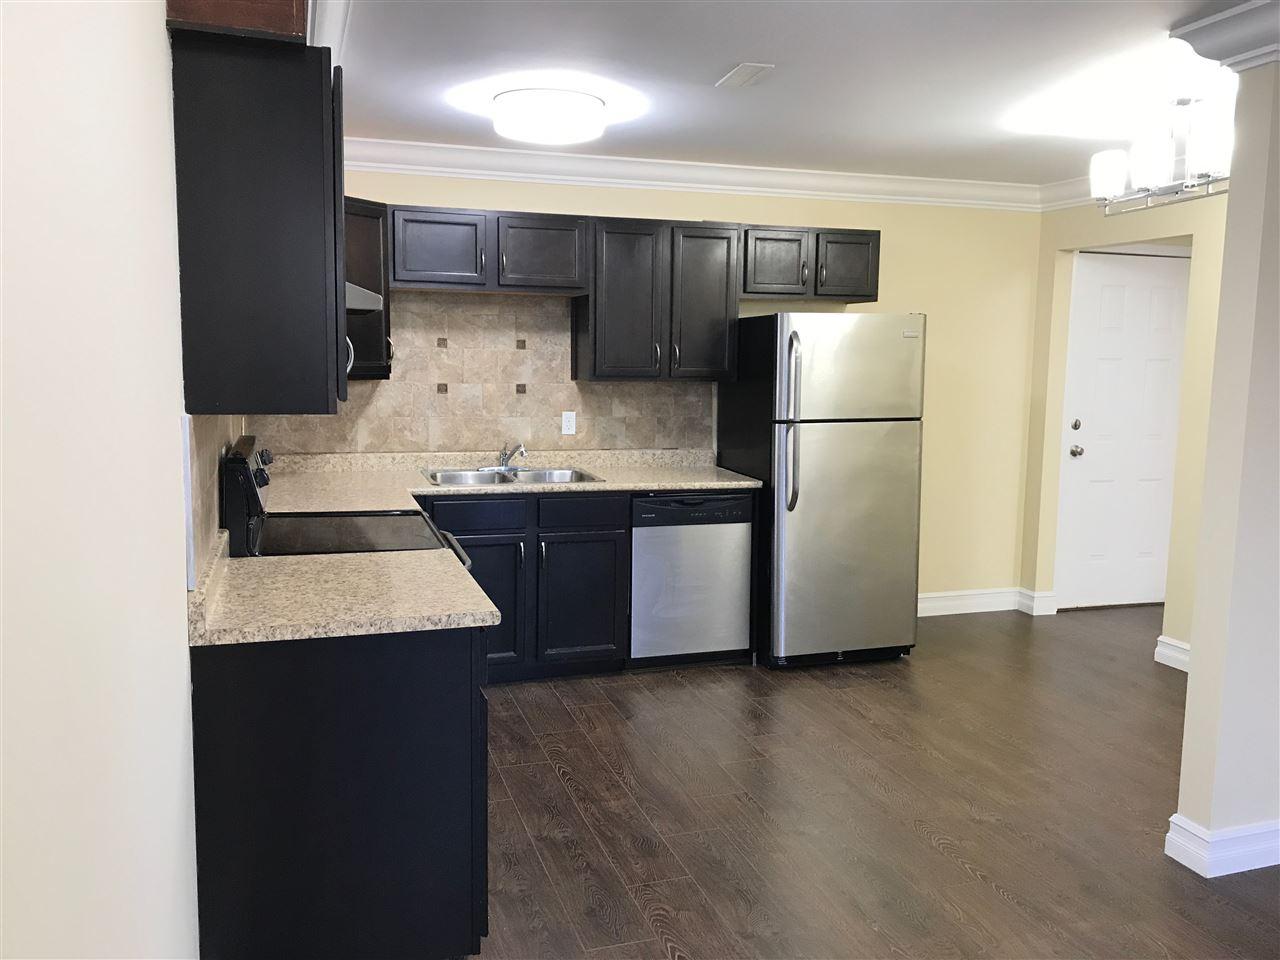 Condo Apartment at 102 13490 HILTON ROAD, Unit 102, North Surrey, British Columbia. Image 4